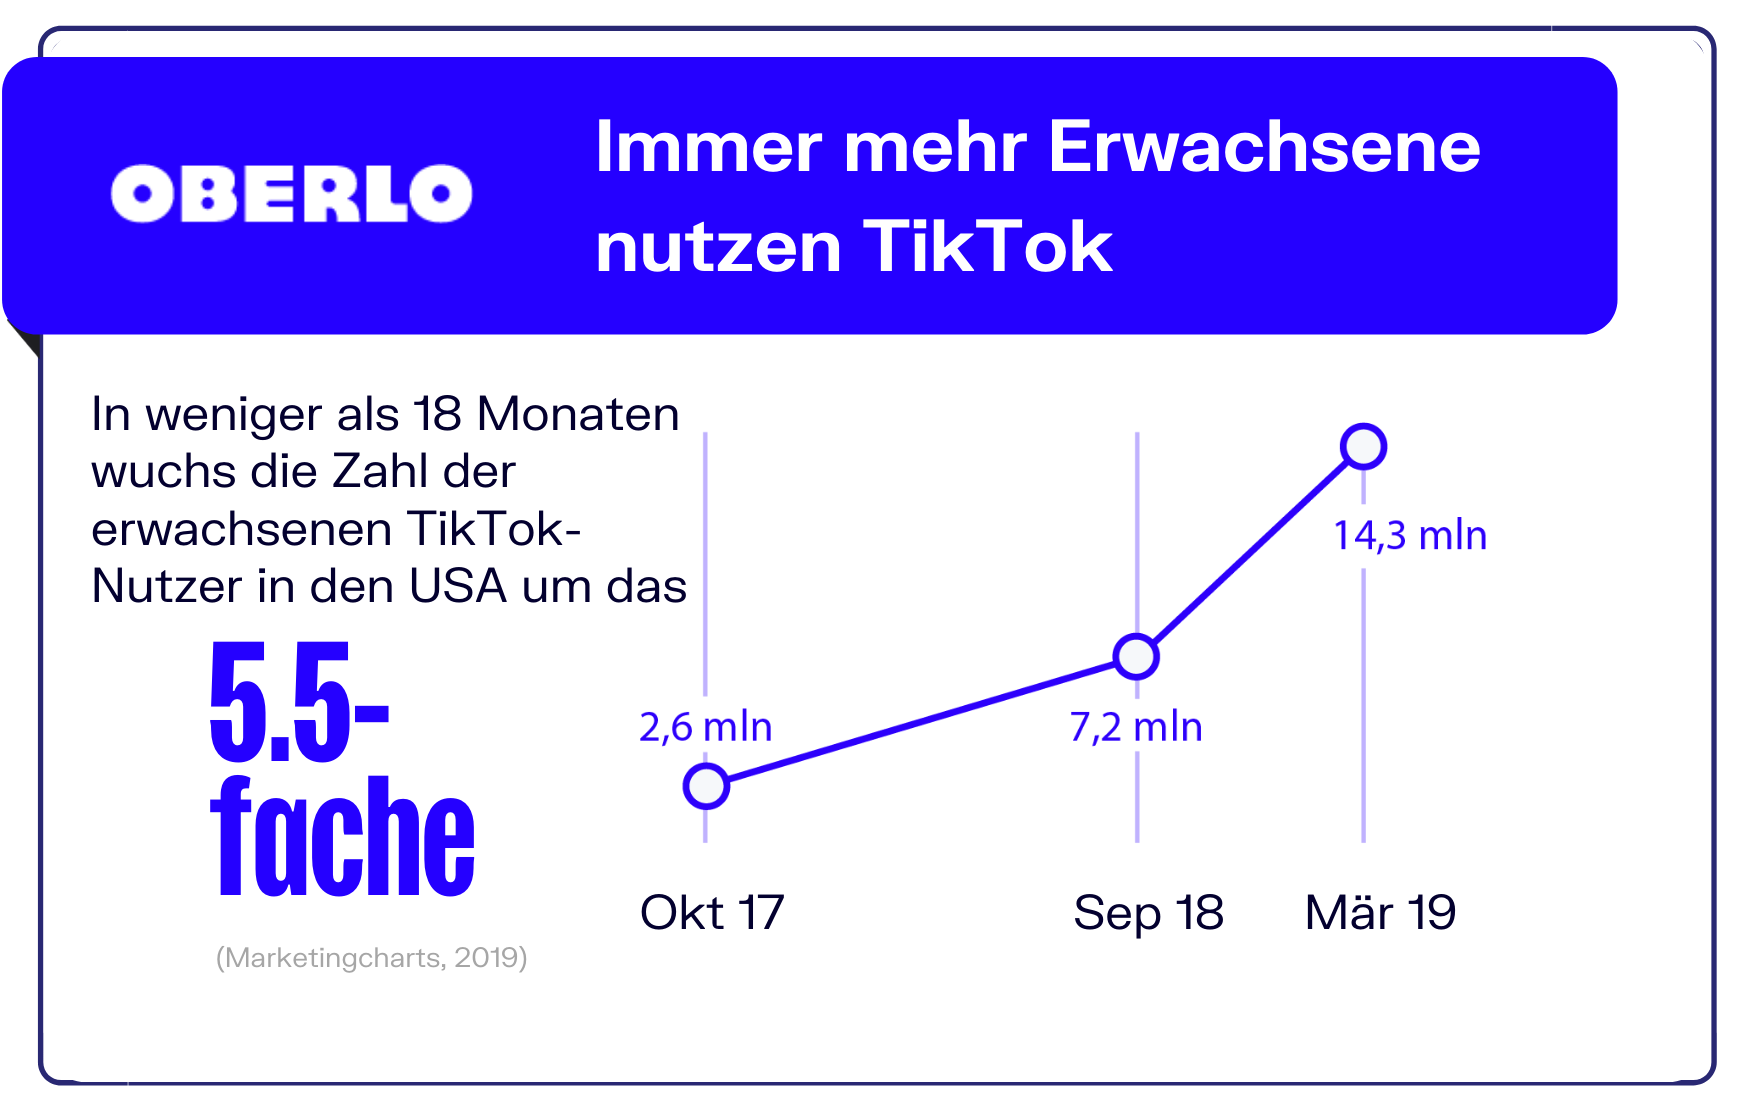 TikTok Statistik erwachsene Nutzer